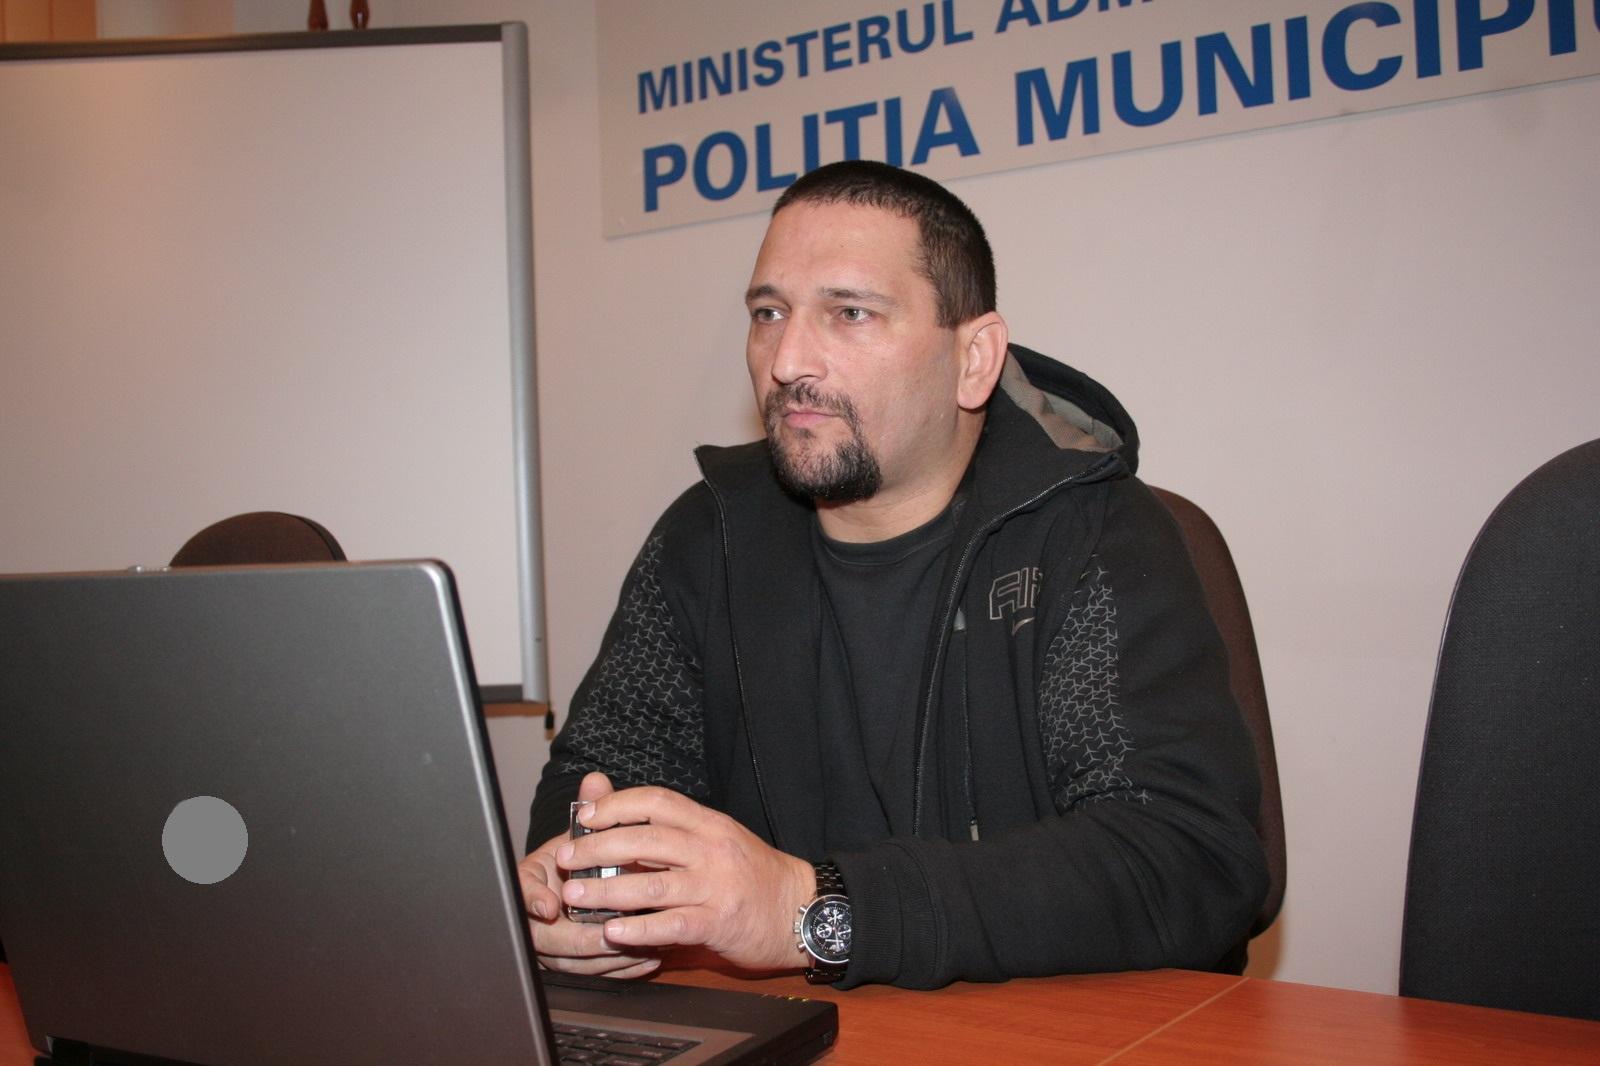 """Photo of Comisarul-șef Traian Berbeceanu s-a retras din poliție. """"Meseria de polițist a însemnat totul pentru mine, vreme de 25 de ani. (…) Cred că este cea mai tristă zi din viața mea"""""""